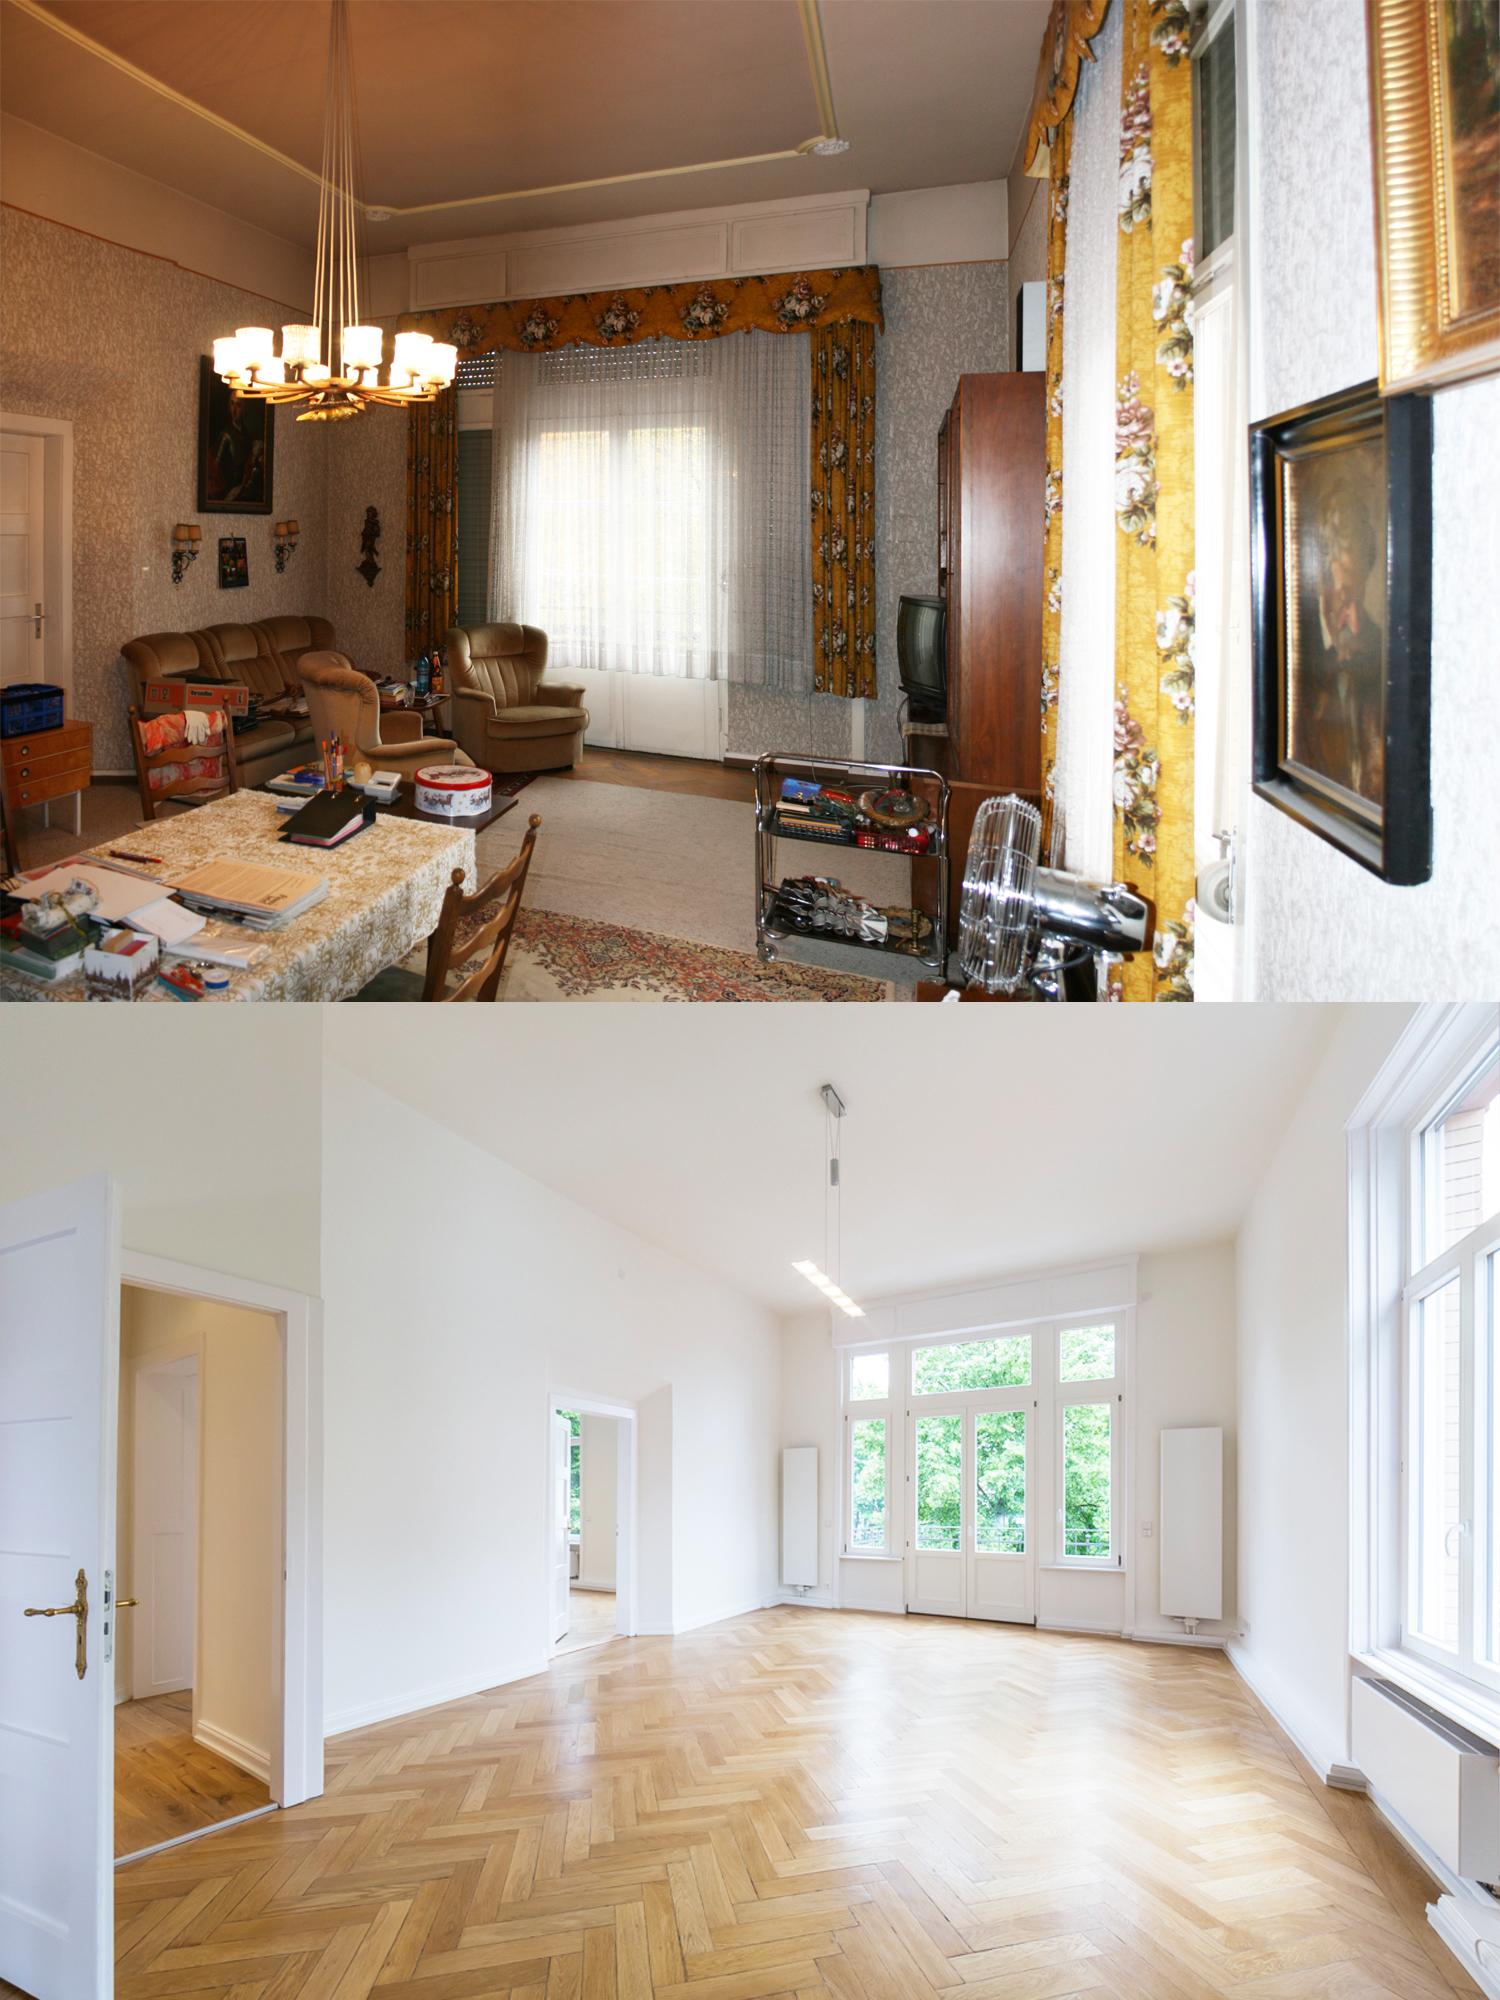 Ziemlich Villa Innenarchitektur Fotos Zeitgenössisch - Images for ...